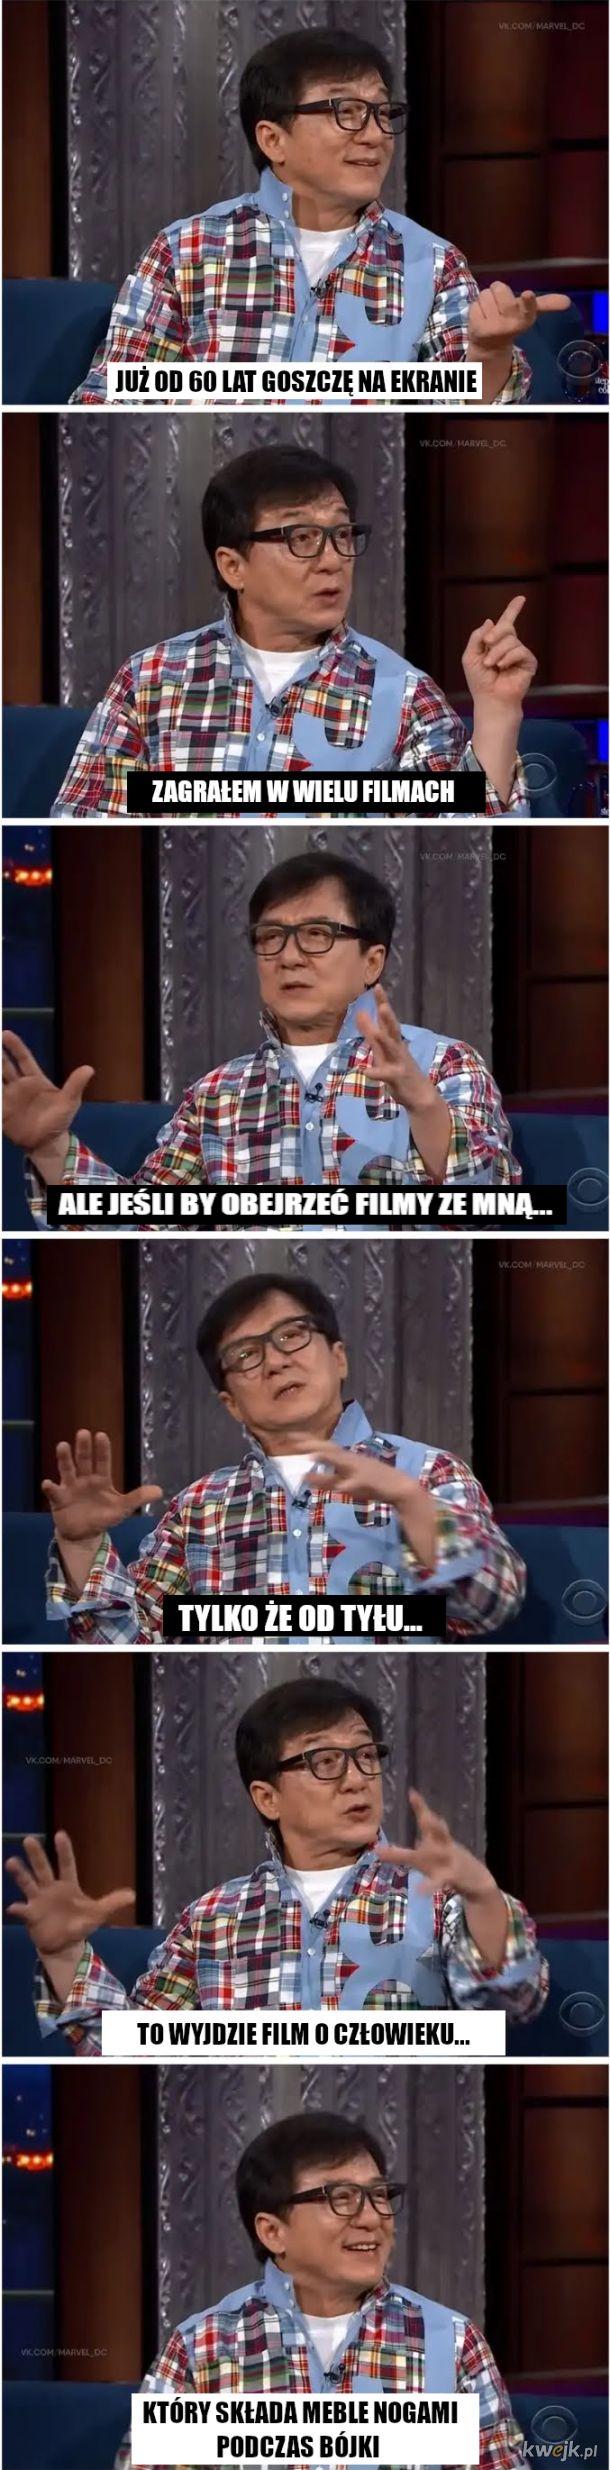 Jackie Chan, znany aktor